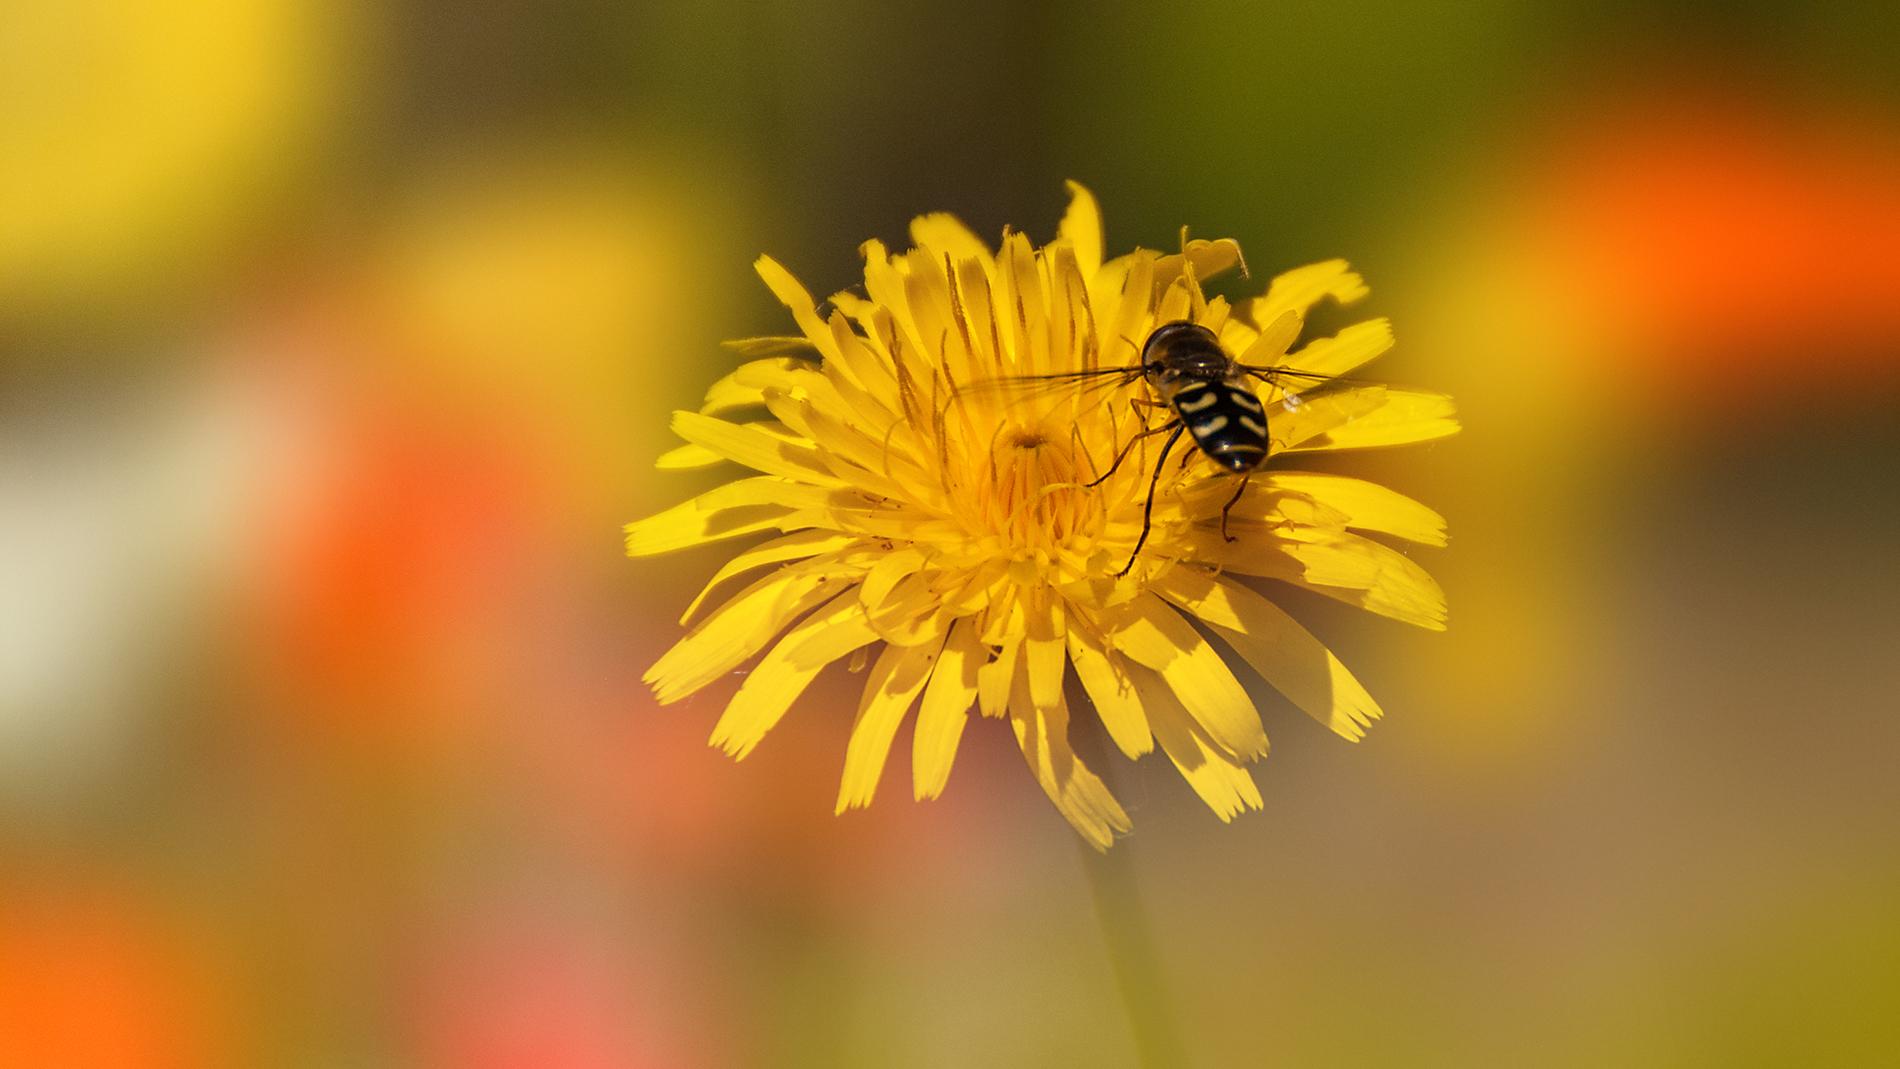 Una flor amarilla y una abeja - 1900x1069